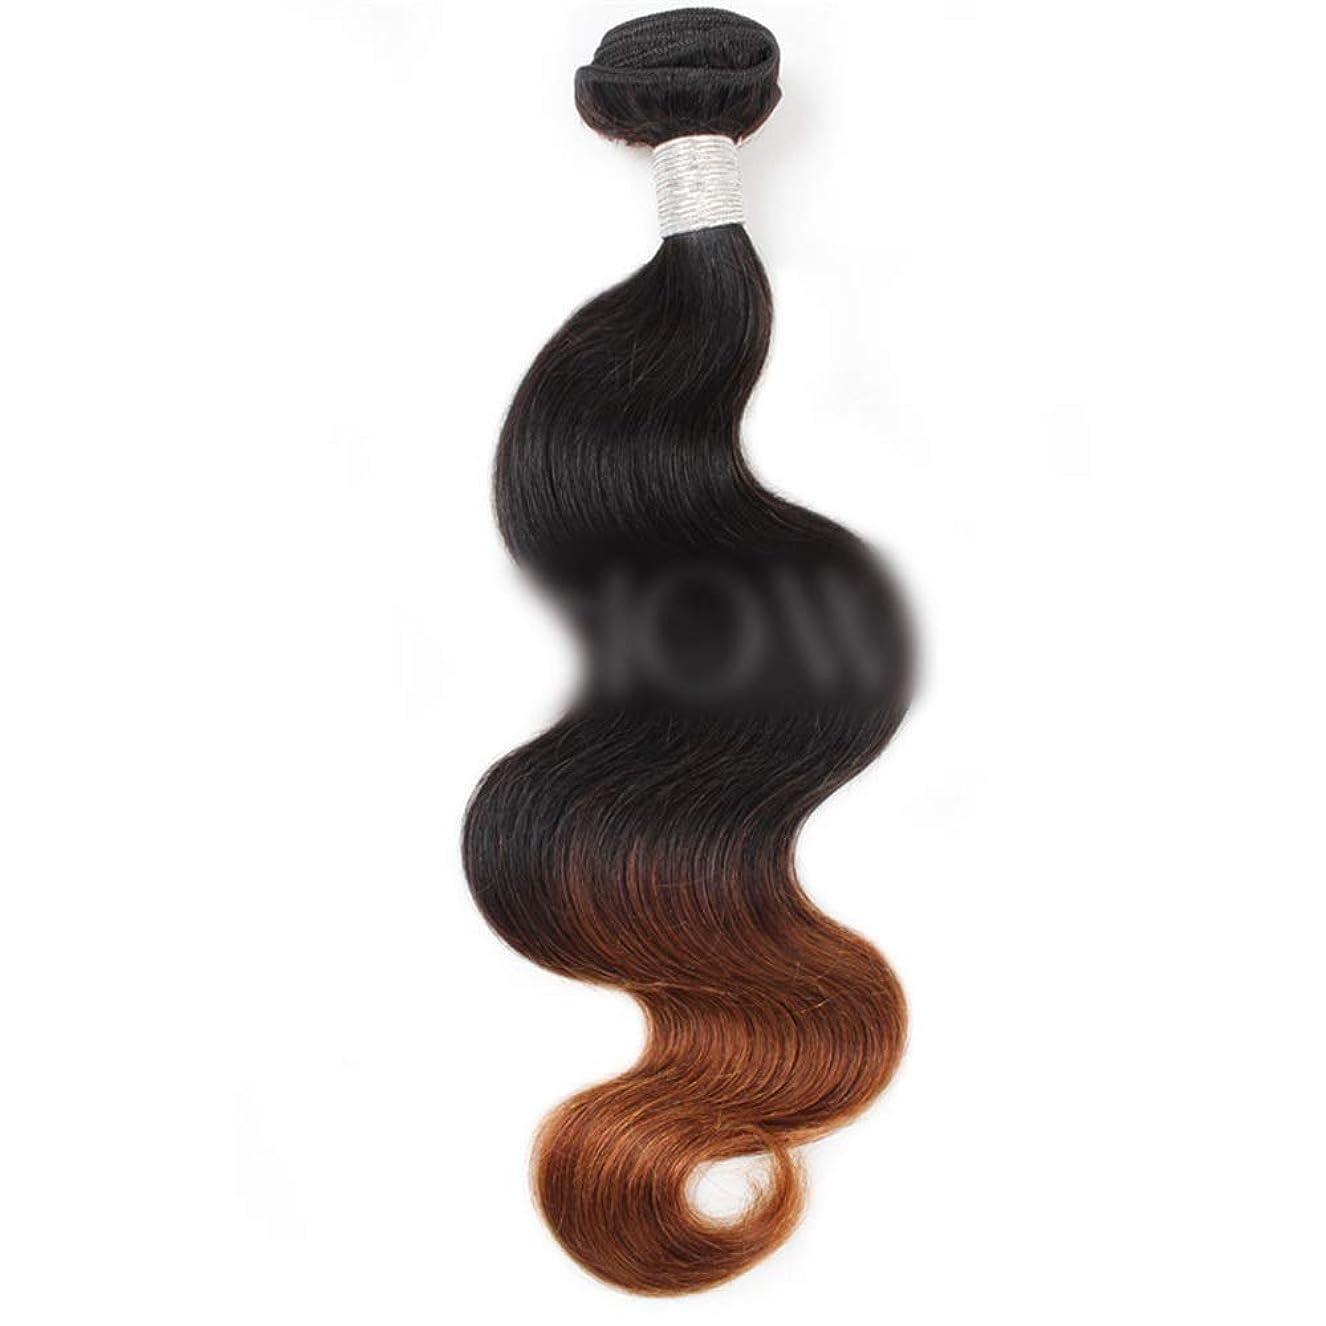 欺く読書ラッシュBOBIDYEE ブラジルの人間の髪の毛の束実体波バージンヘア織り方 - 1B / 4#2トーン色ロールプレイングかつら女性のかつら (色 : ブラウン, サイズ : 24 inch)